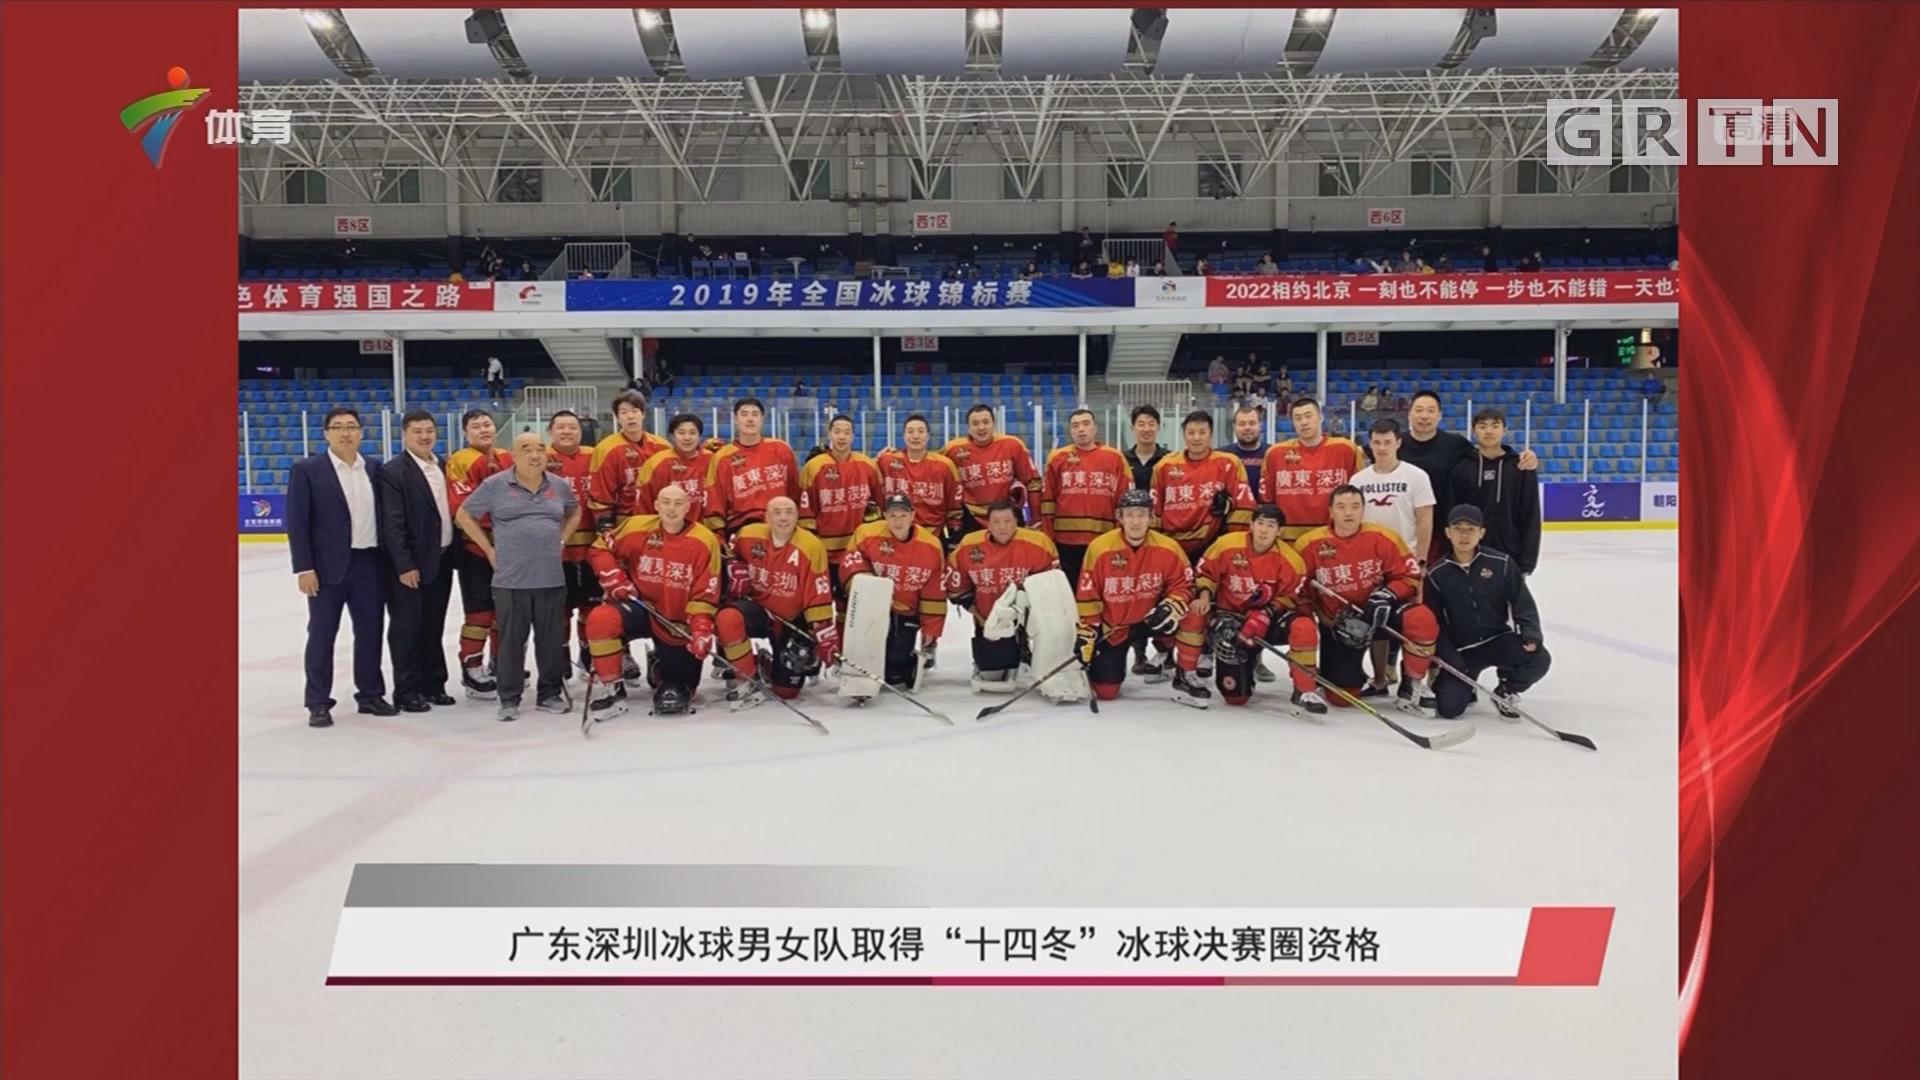 """广东深圳冰球男女队取得""""十四冬""""冰球决赛圈资格"""